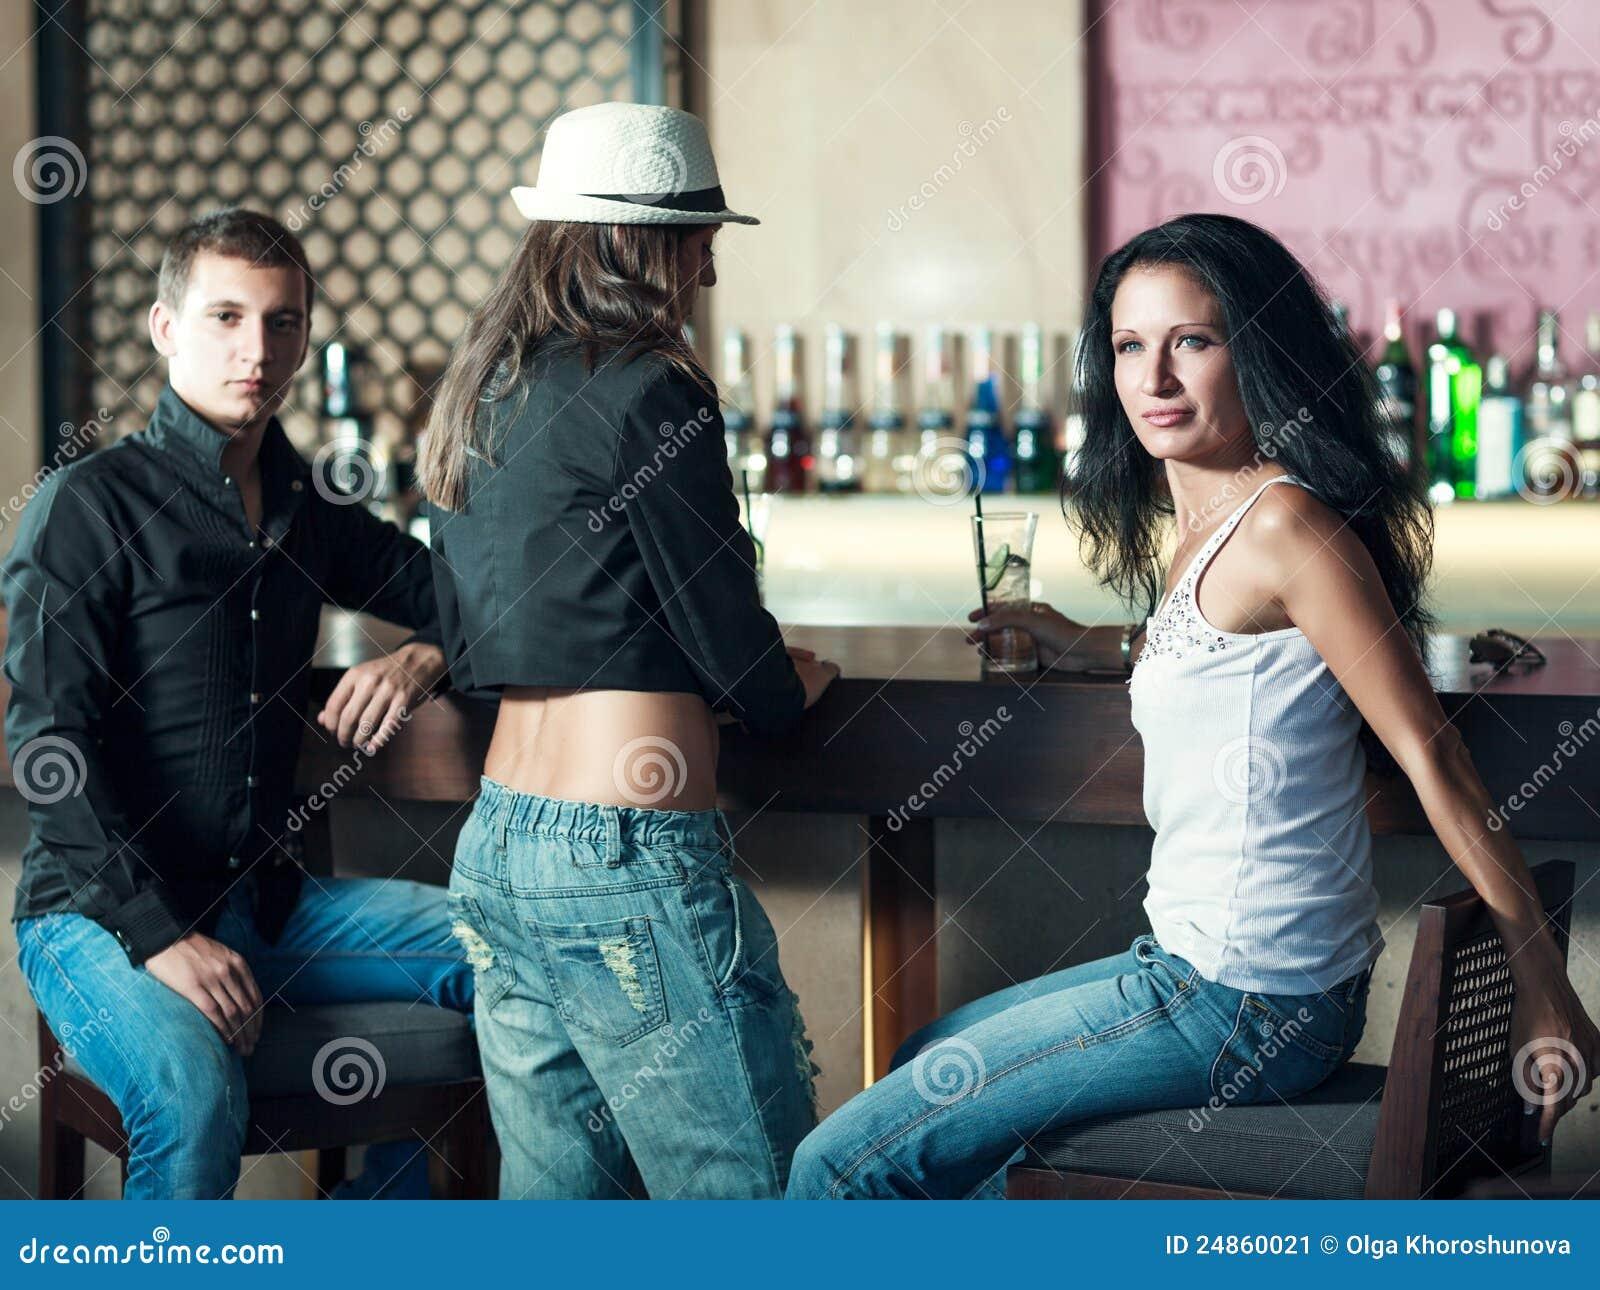 Фото парней у барной стойки 6 фотография